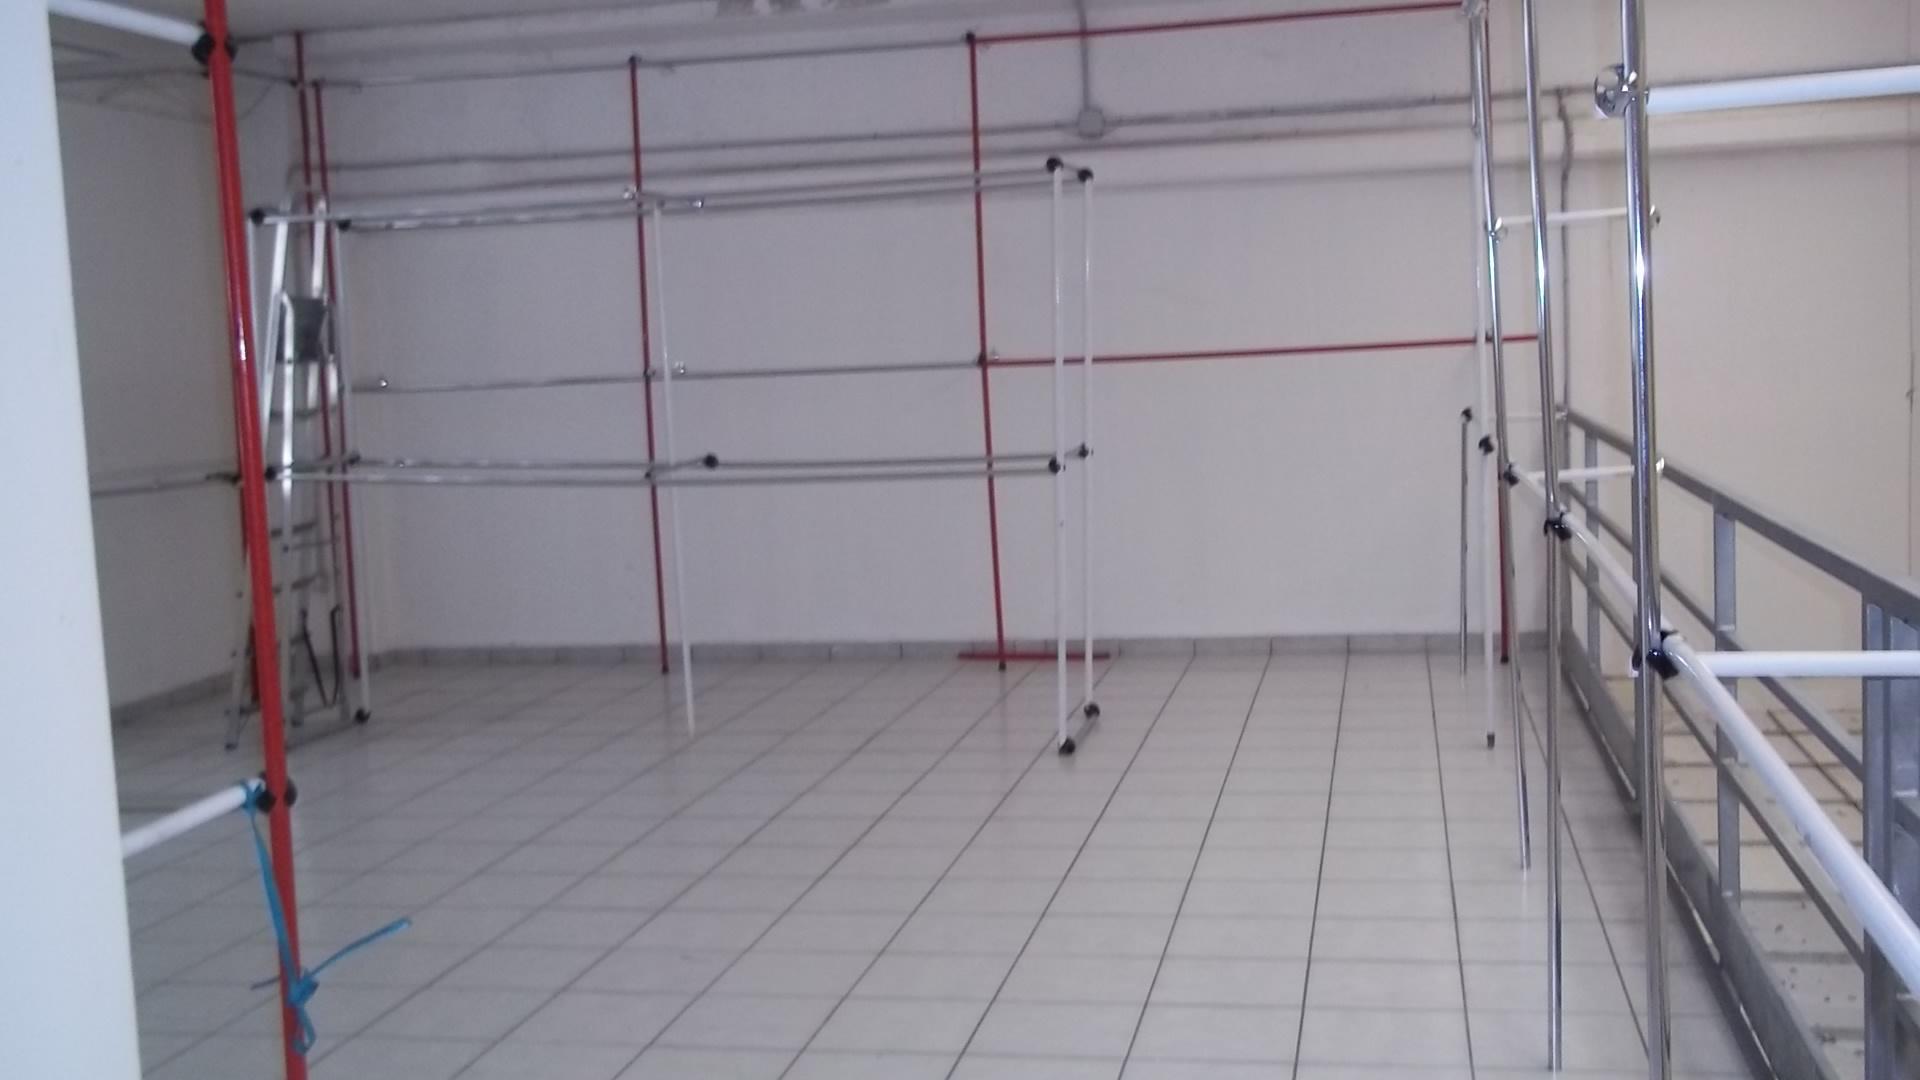 Rif v84 capannone con sovrastante soppalco immobiliare for Tettoia capannone con soppalco